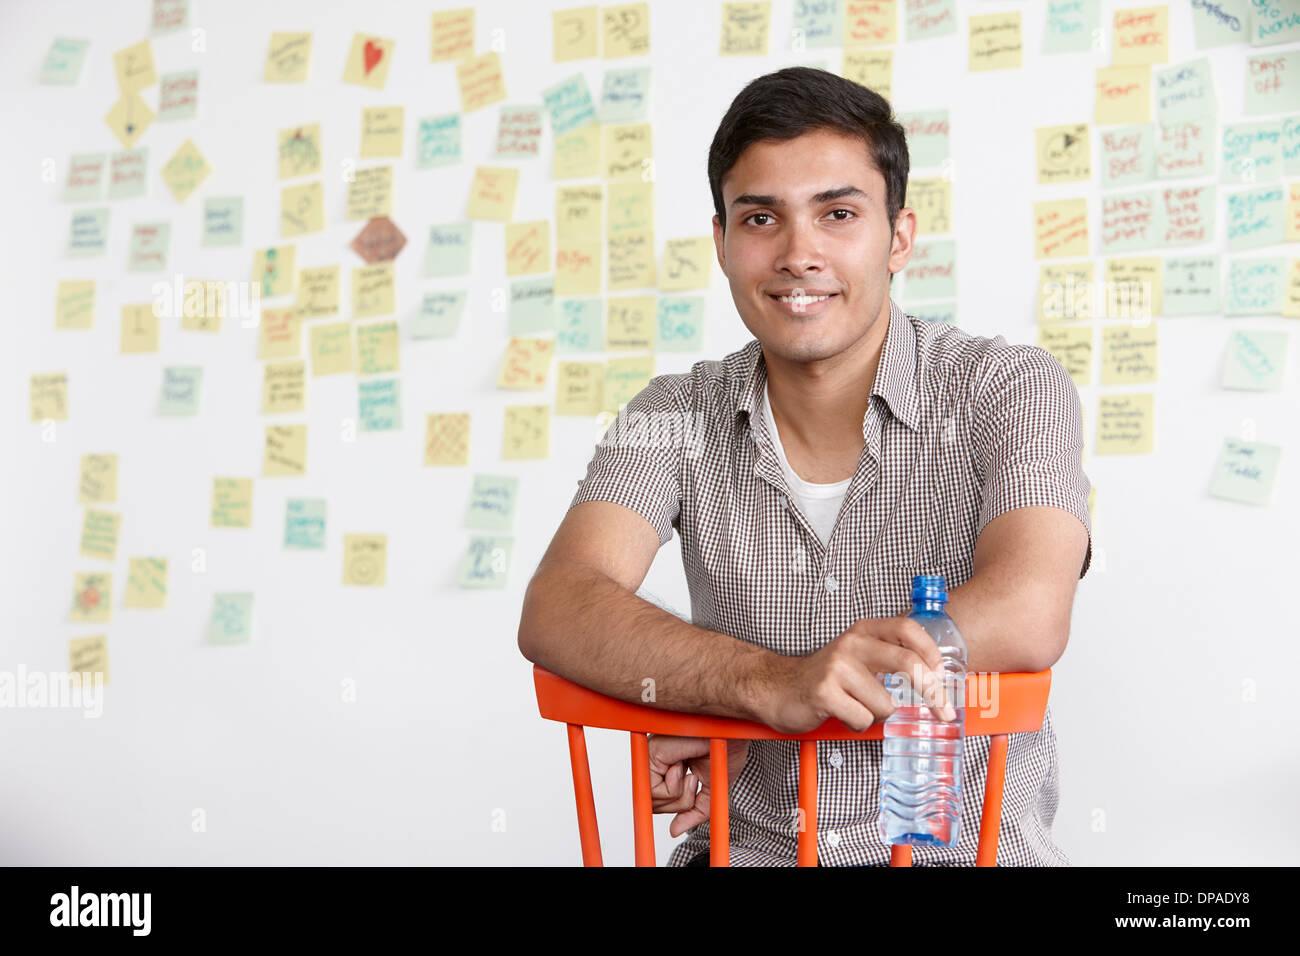 Porträt des jungen Mannes mit Klebstoff Noten im Hintergrund Stockbild